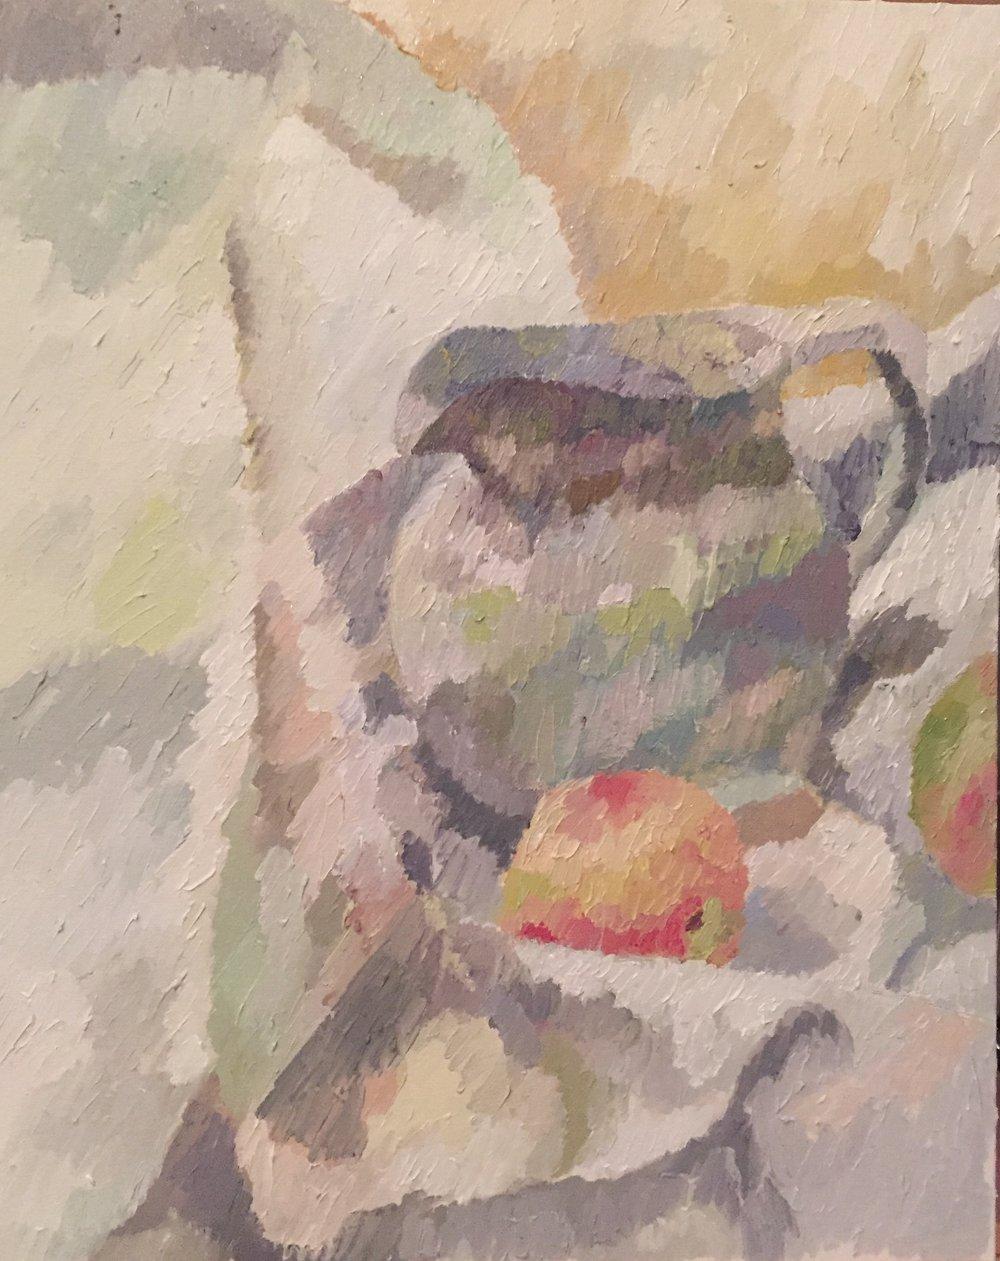 """Still Life 5.3 evening                  20""""x16"""".Oil on canvas board. Framed. 2015. $450"""